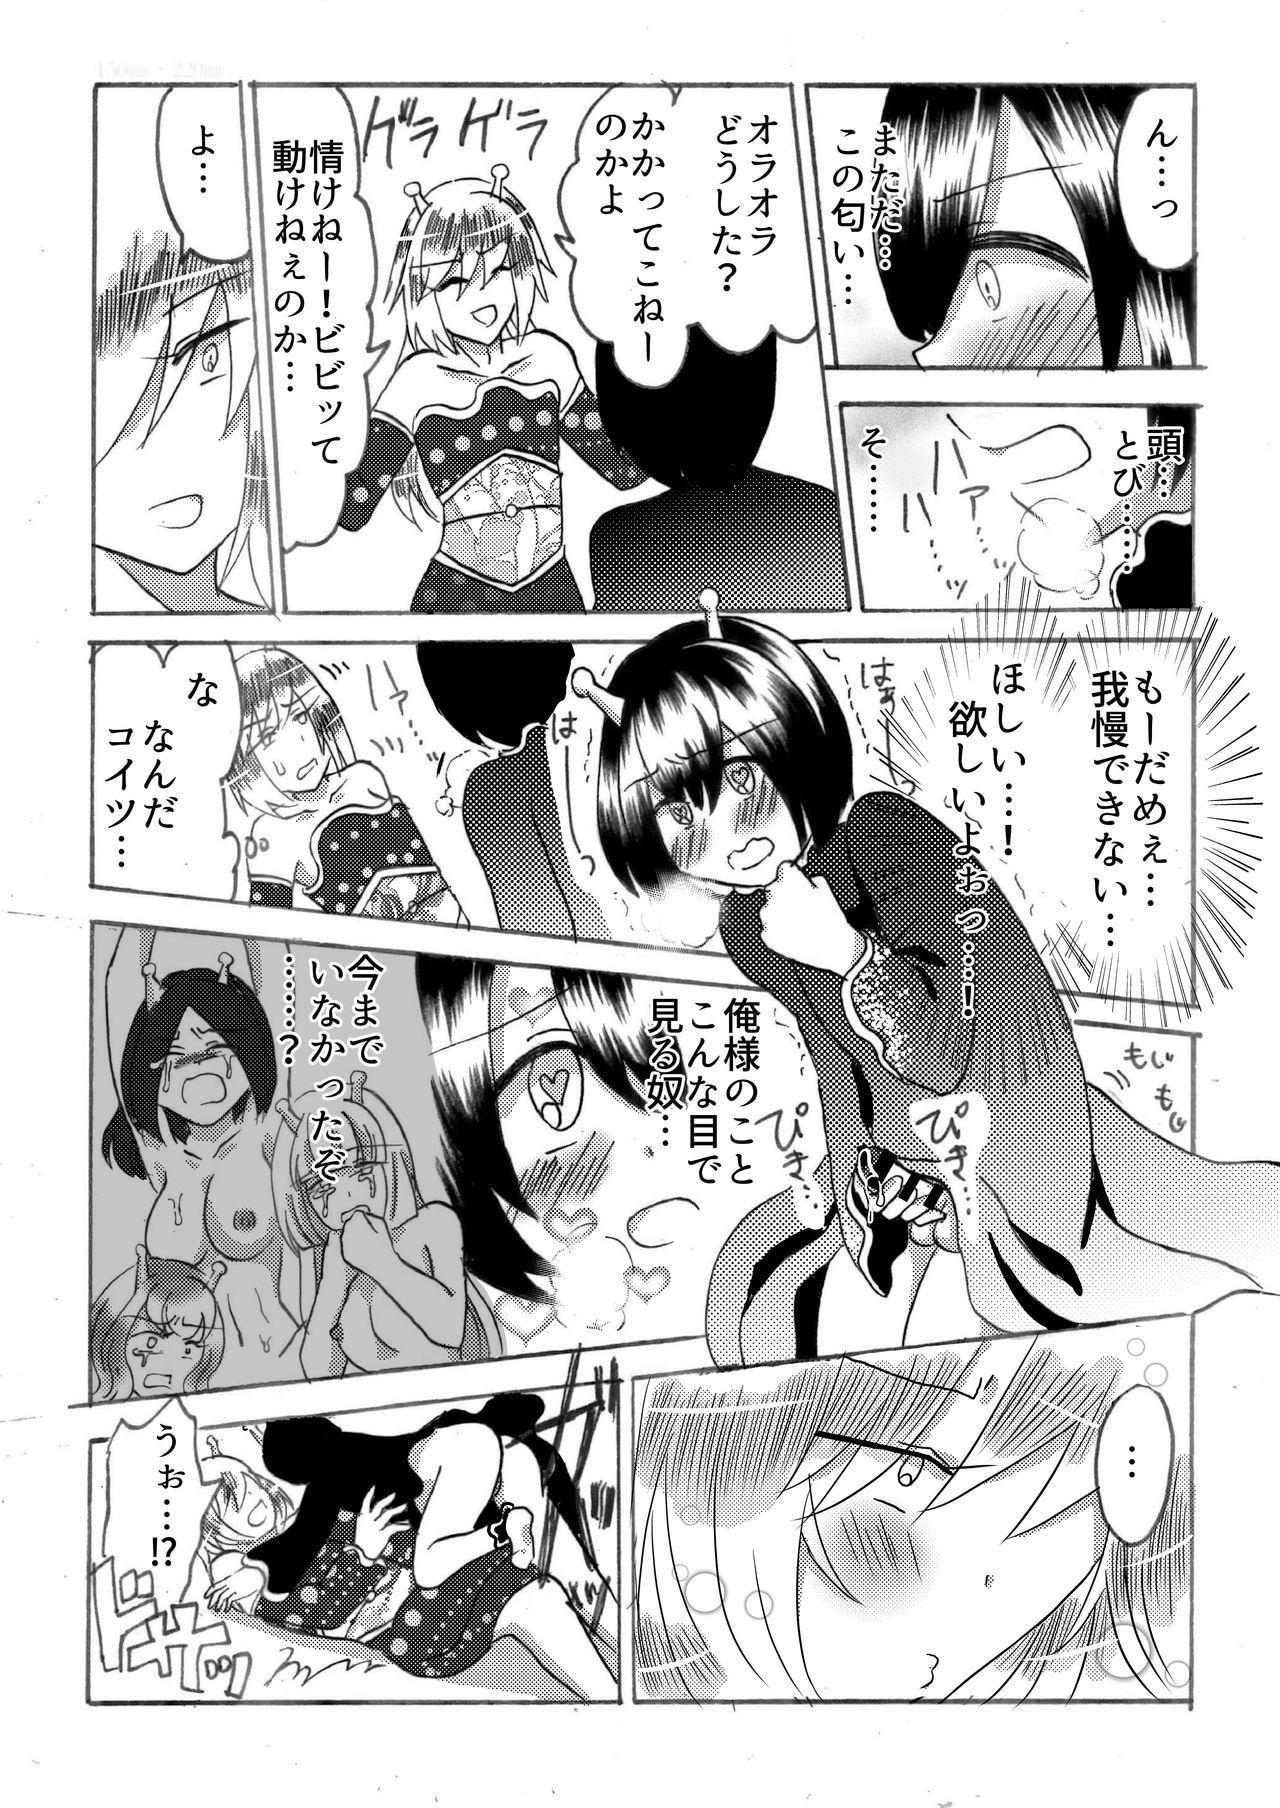 Hira-zoku no Hanashi 14